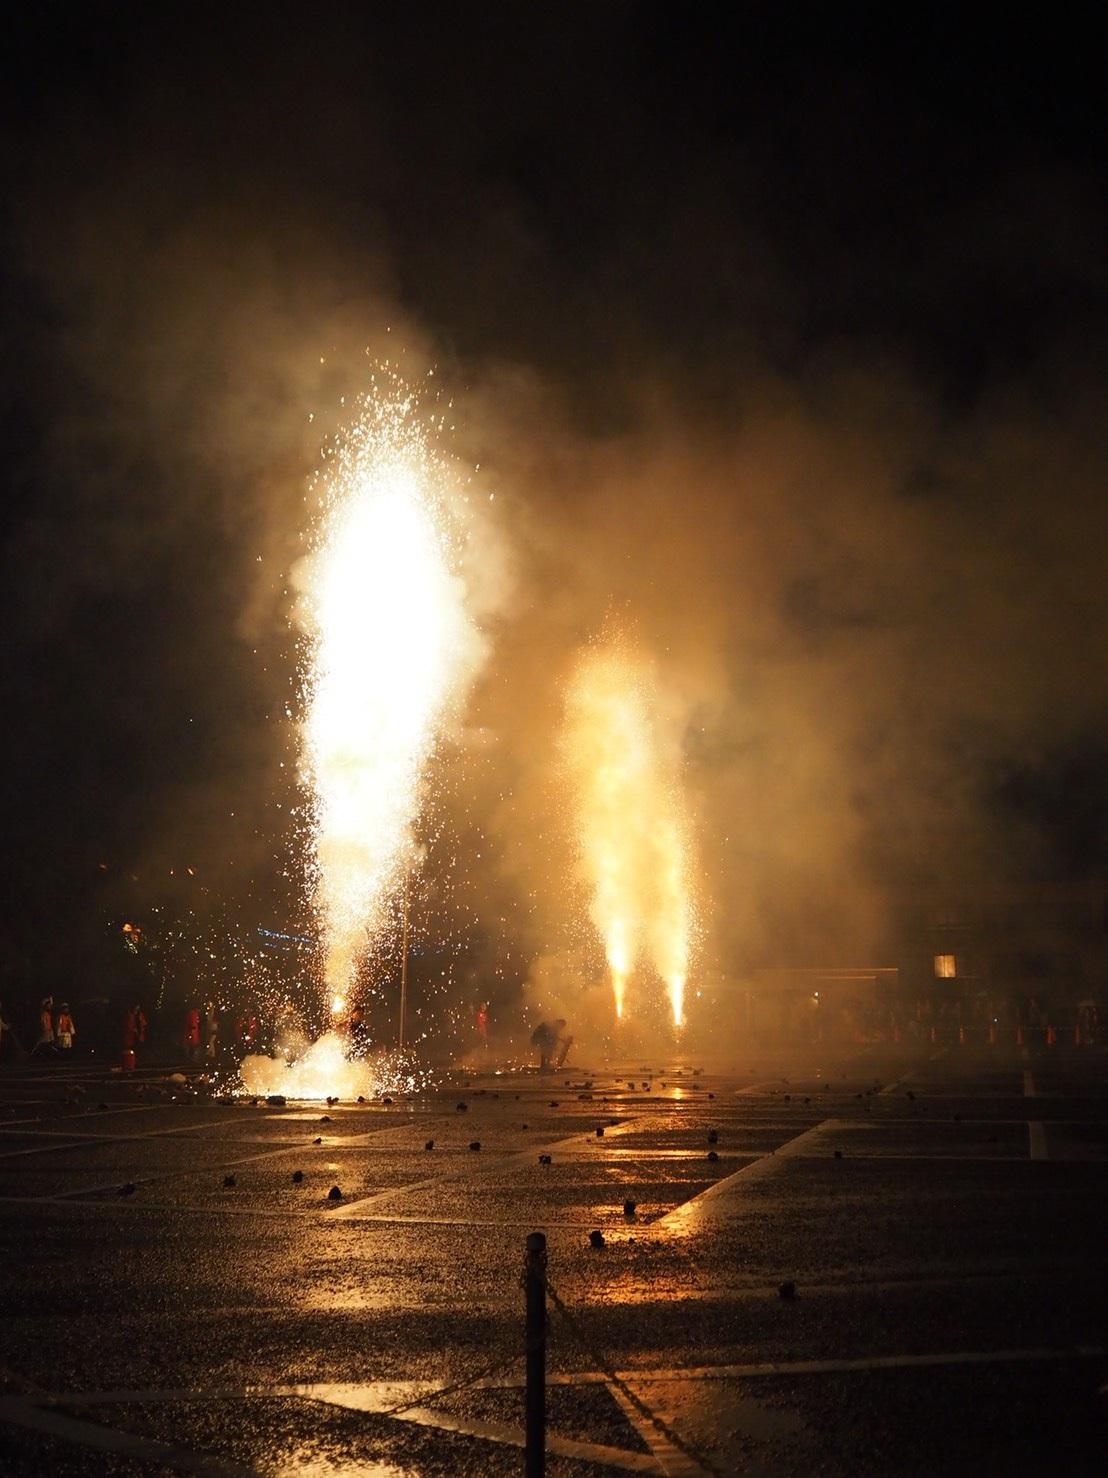 最後は、筒の中にあるハネ粉という火薬に火がつき、爆音とともに大きく爆ぜて終了。おかーさーん!